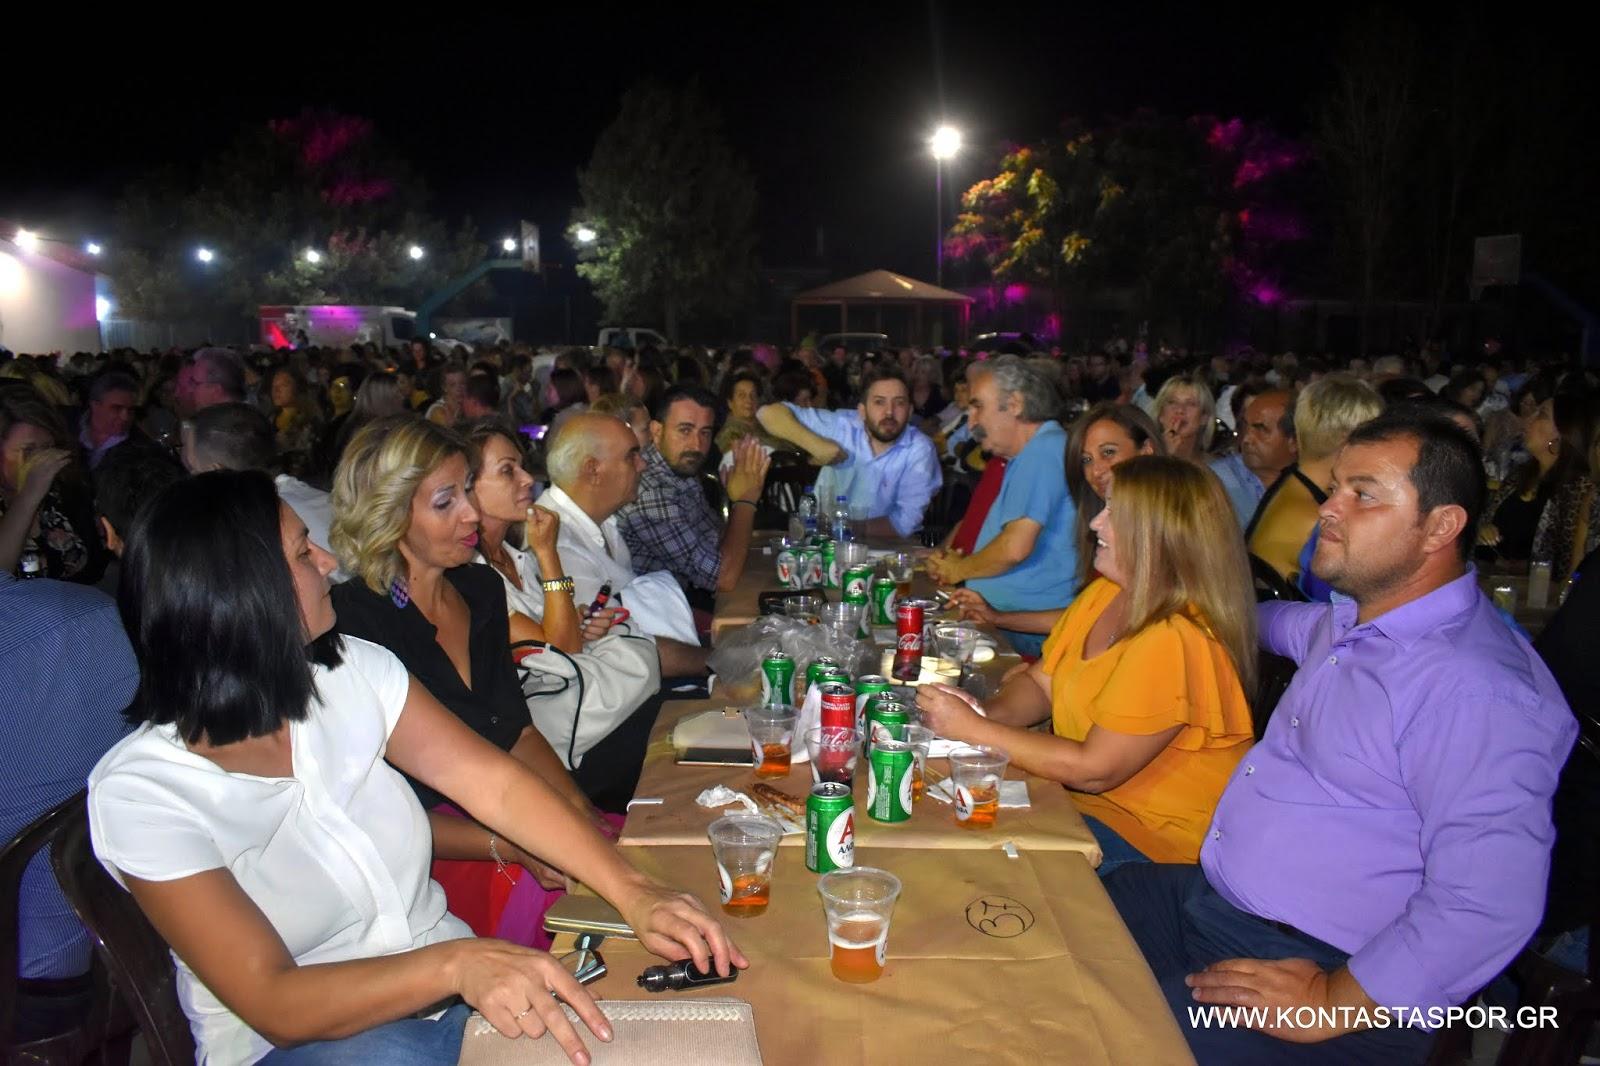 Με επιτυχία η λαική βραδιά  Αδαμαντίδη στα Ψαχνά (φωτογραφίες) 1 DSC 0021